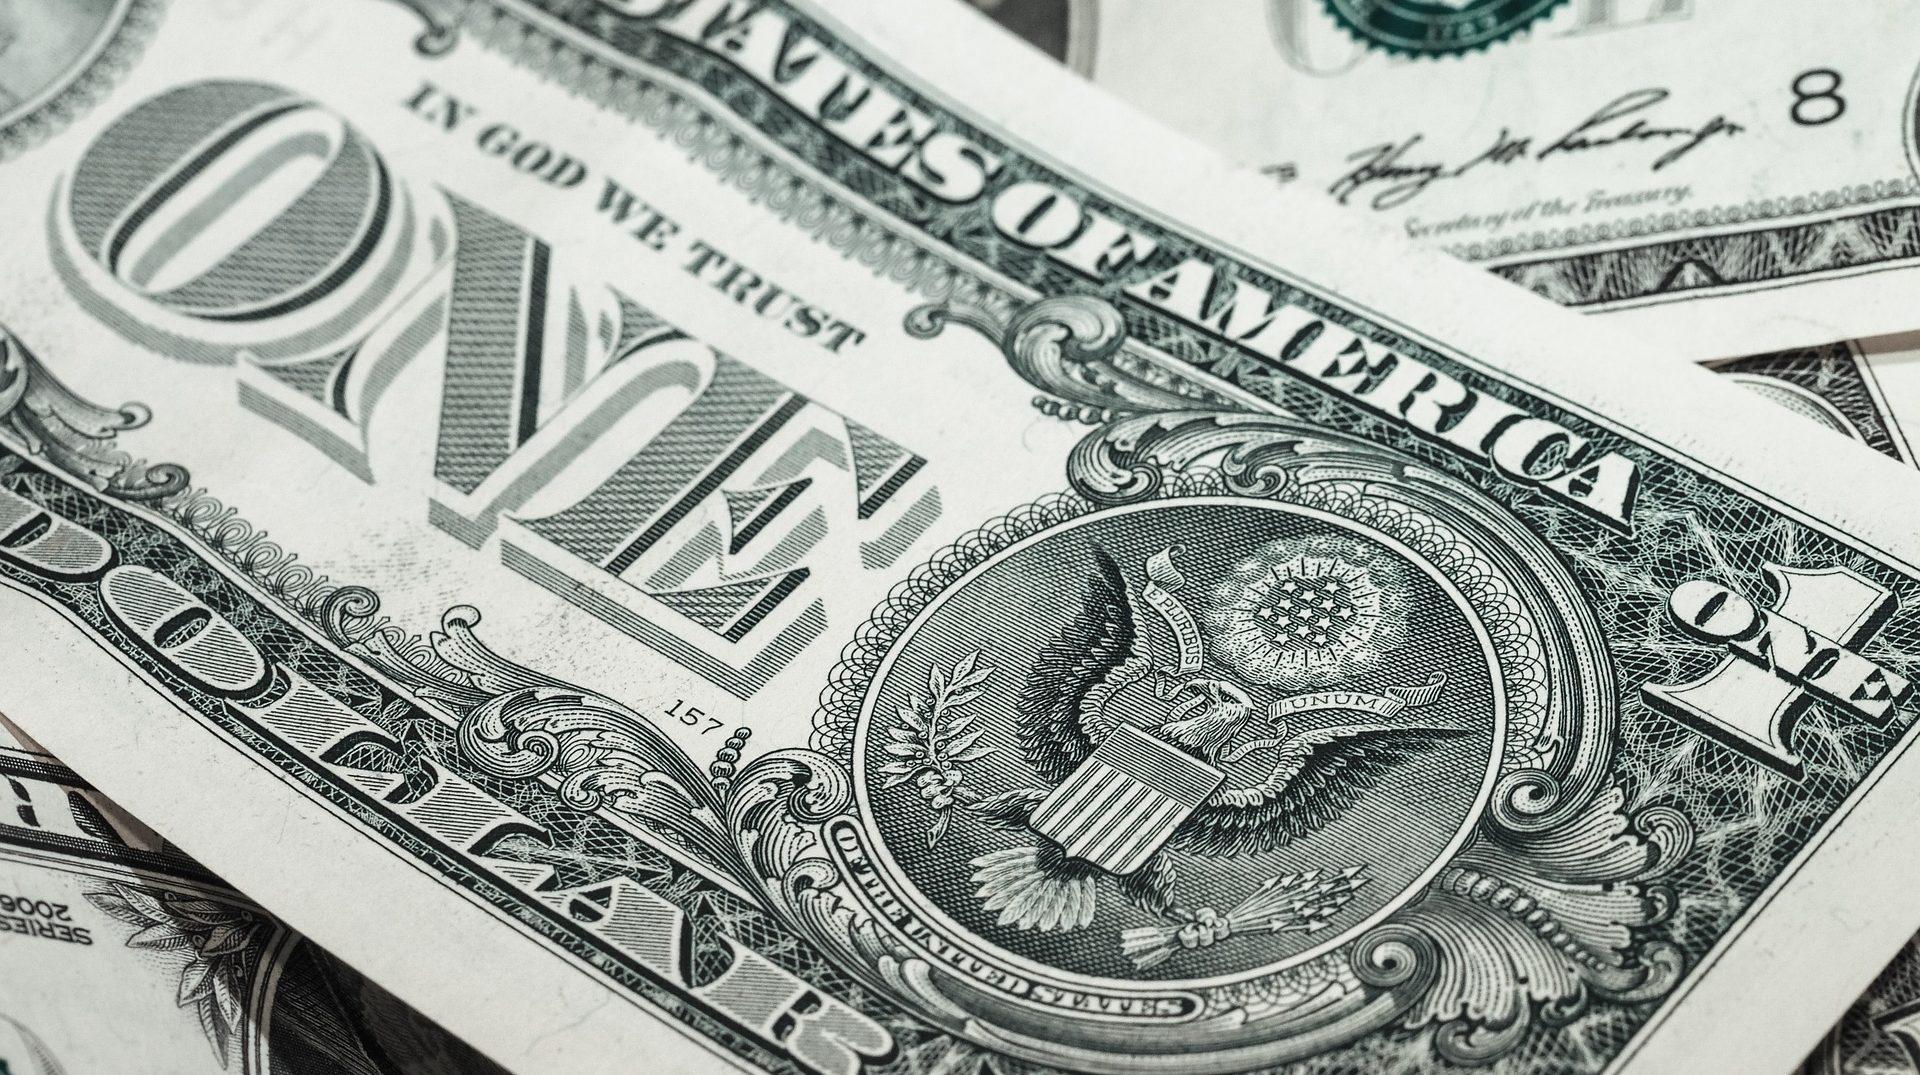 Cena zlata dnes překonala hranici 40 000 Kč za trojskou unci